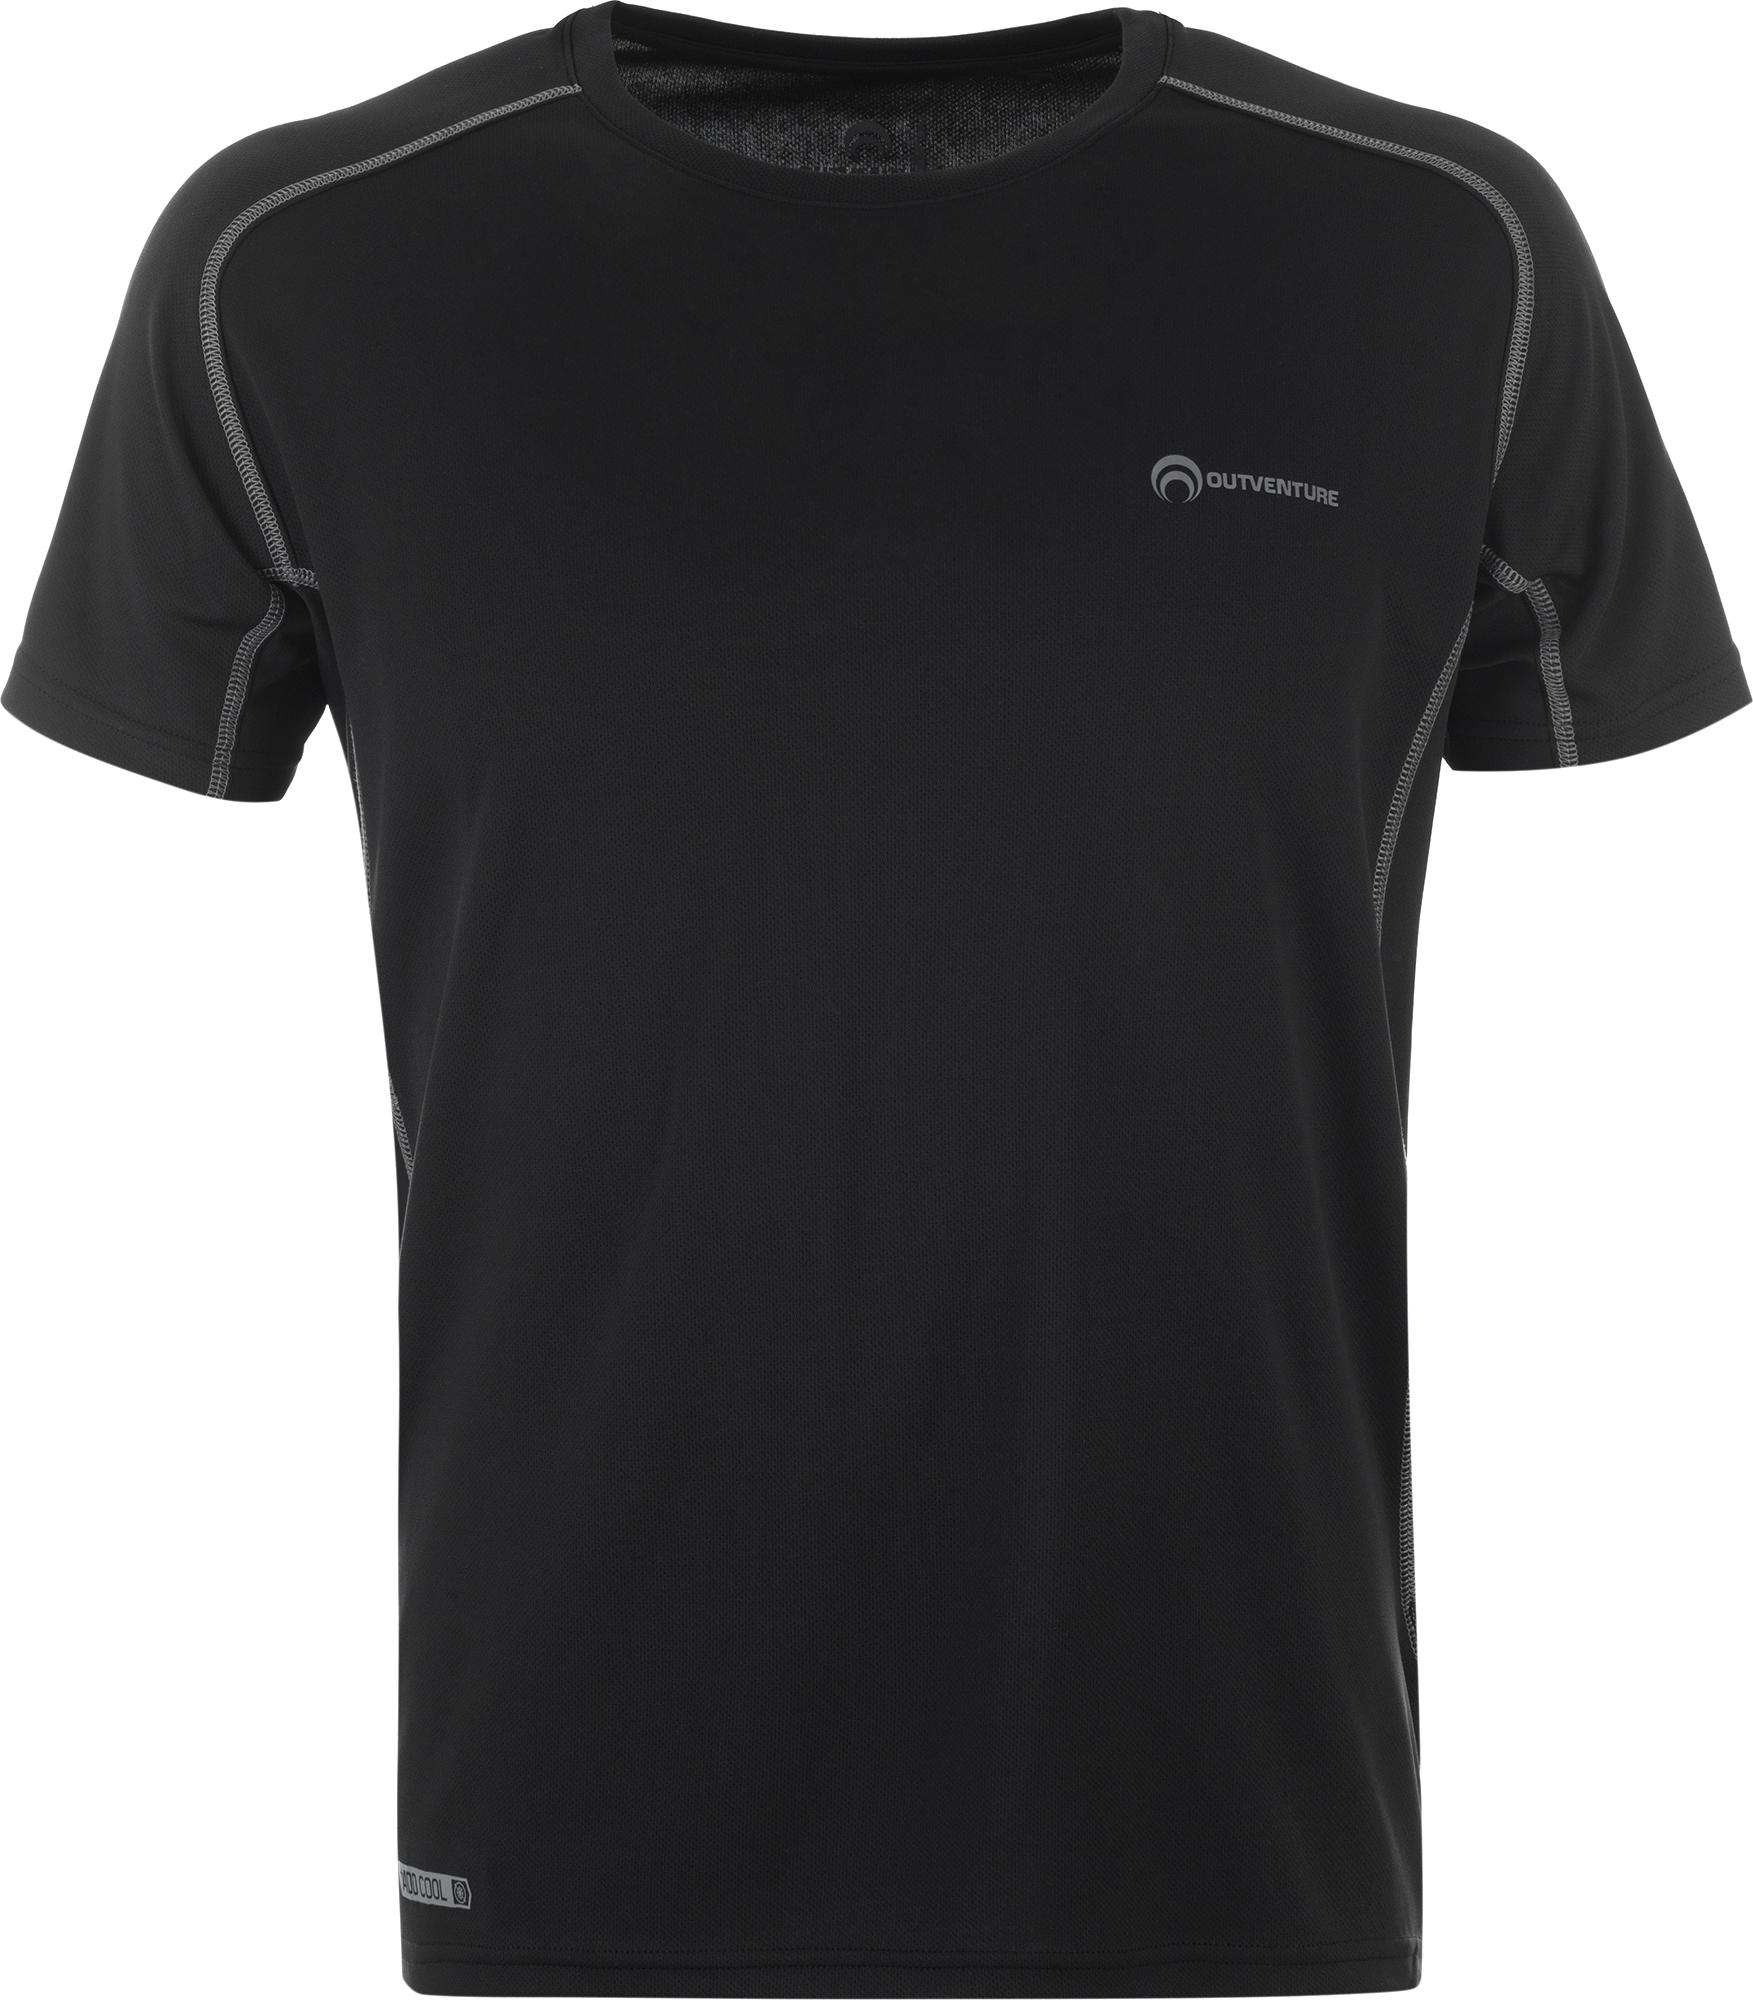 Outventure Футболка мужская Outventure, размер 56 outventure футболка с длинным рукавом мужская outventure размер 56